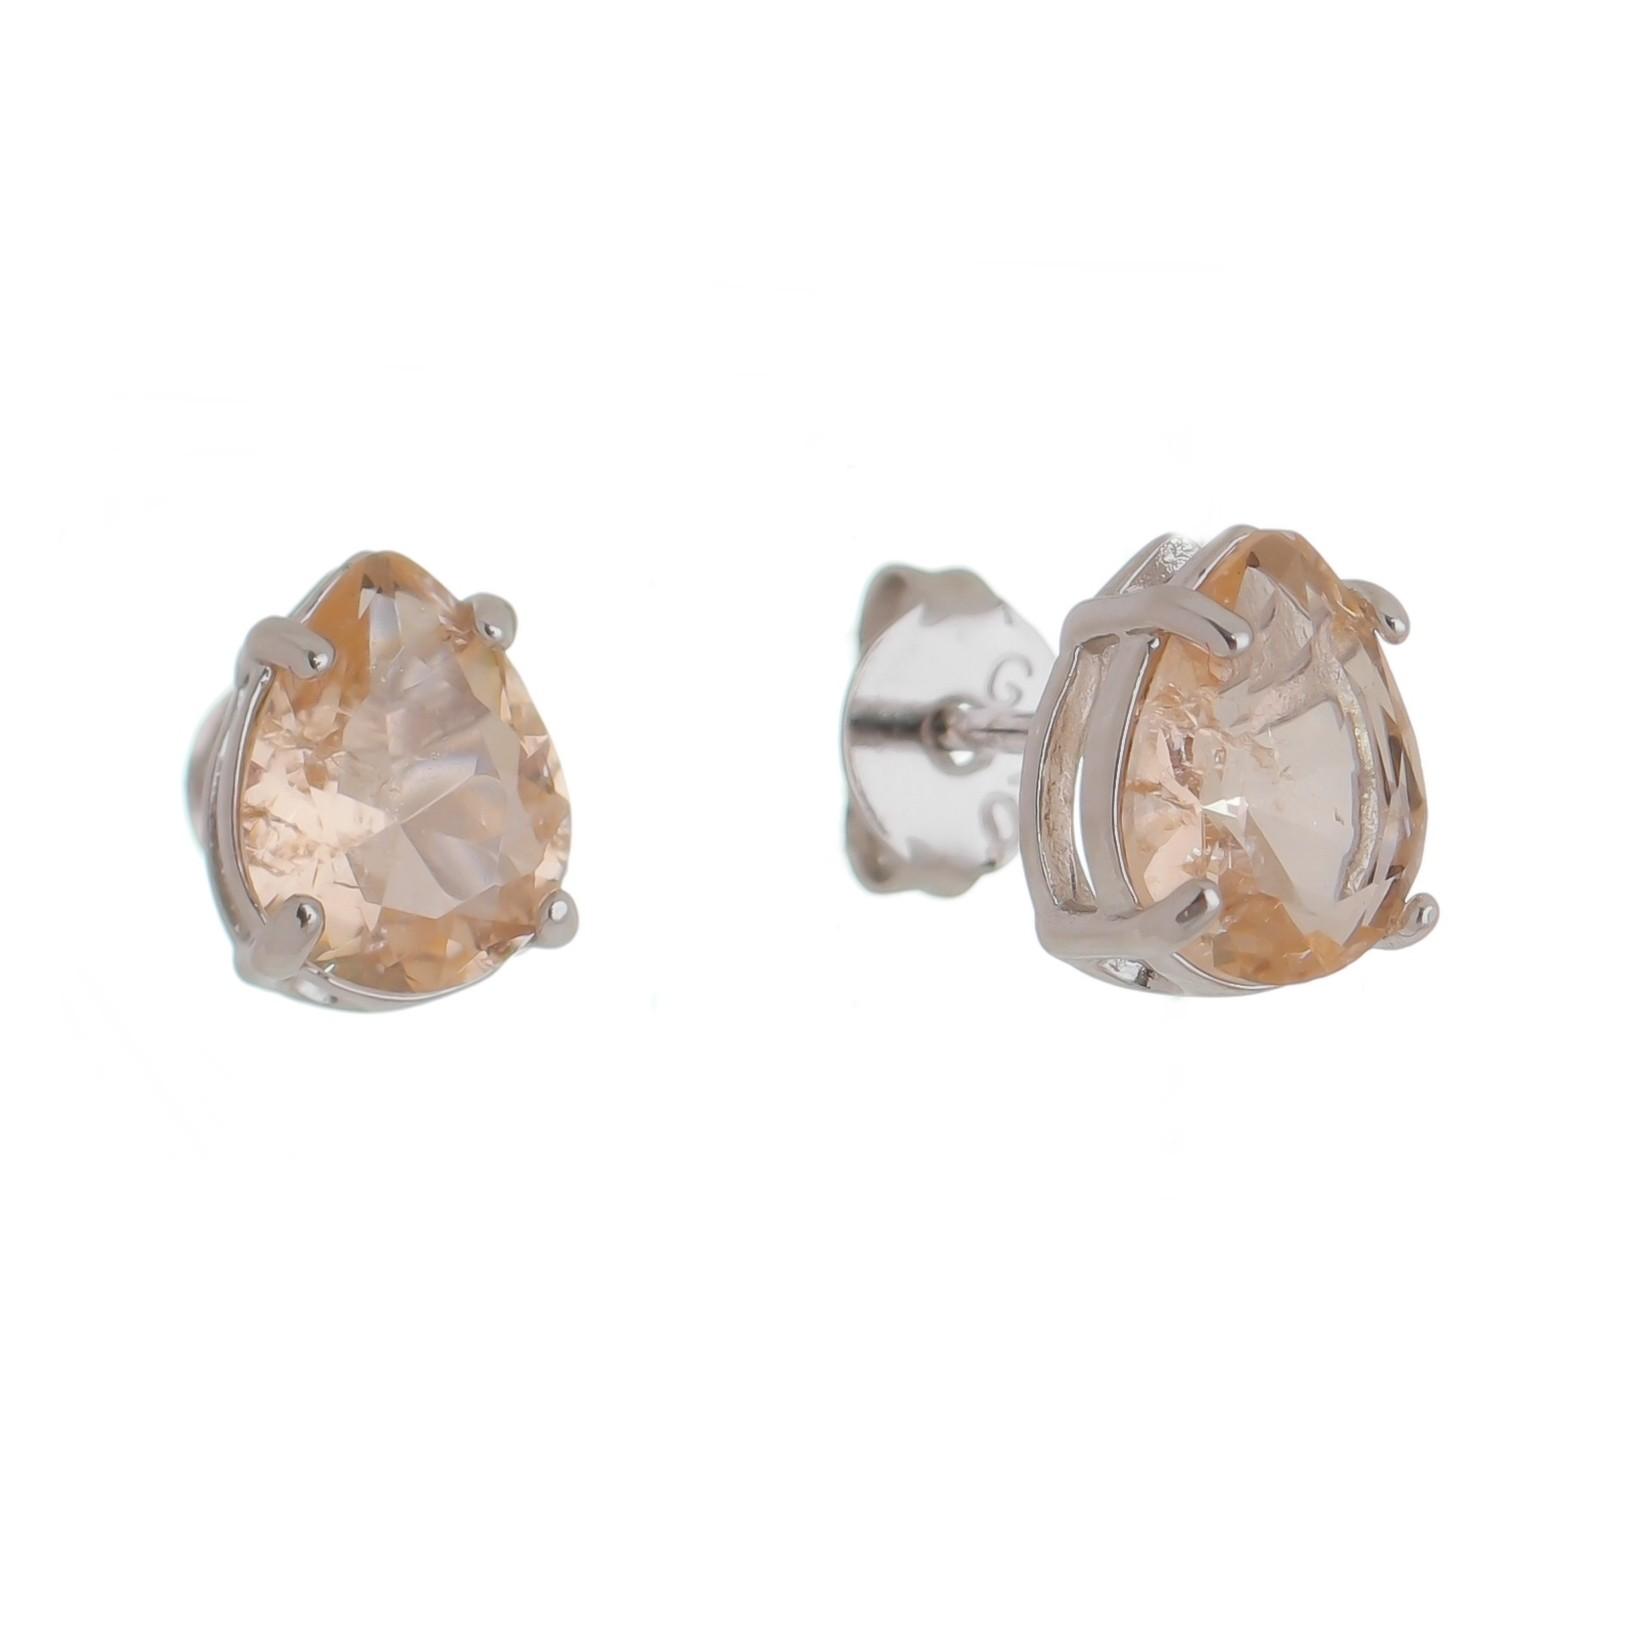 Brinco Gota Pedra Cristal Salmão P Folheado em Ródio Branco - Giro Semijoias